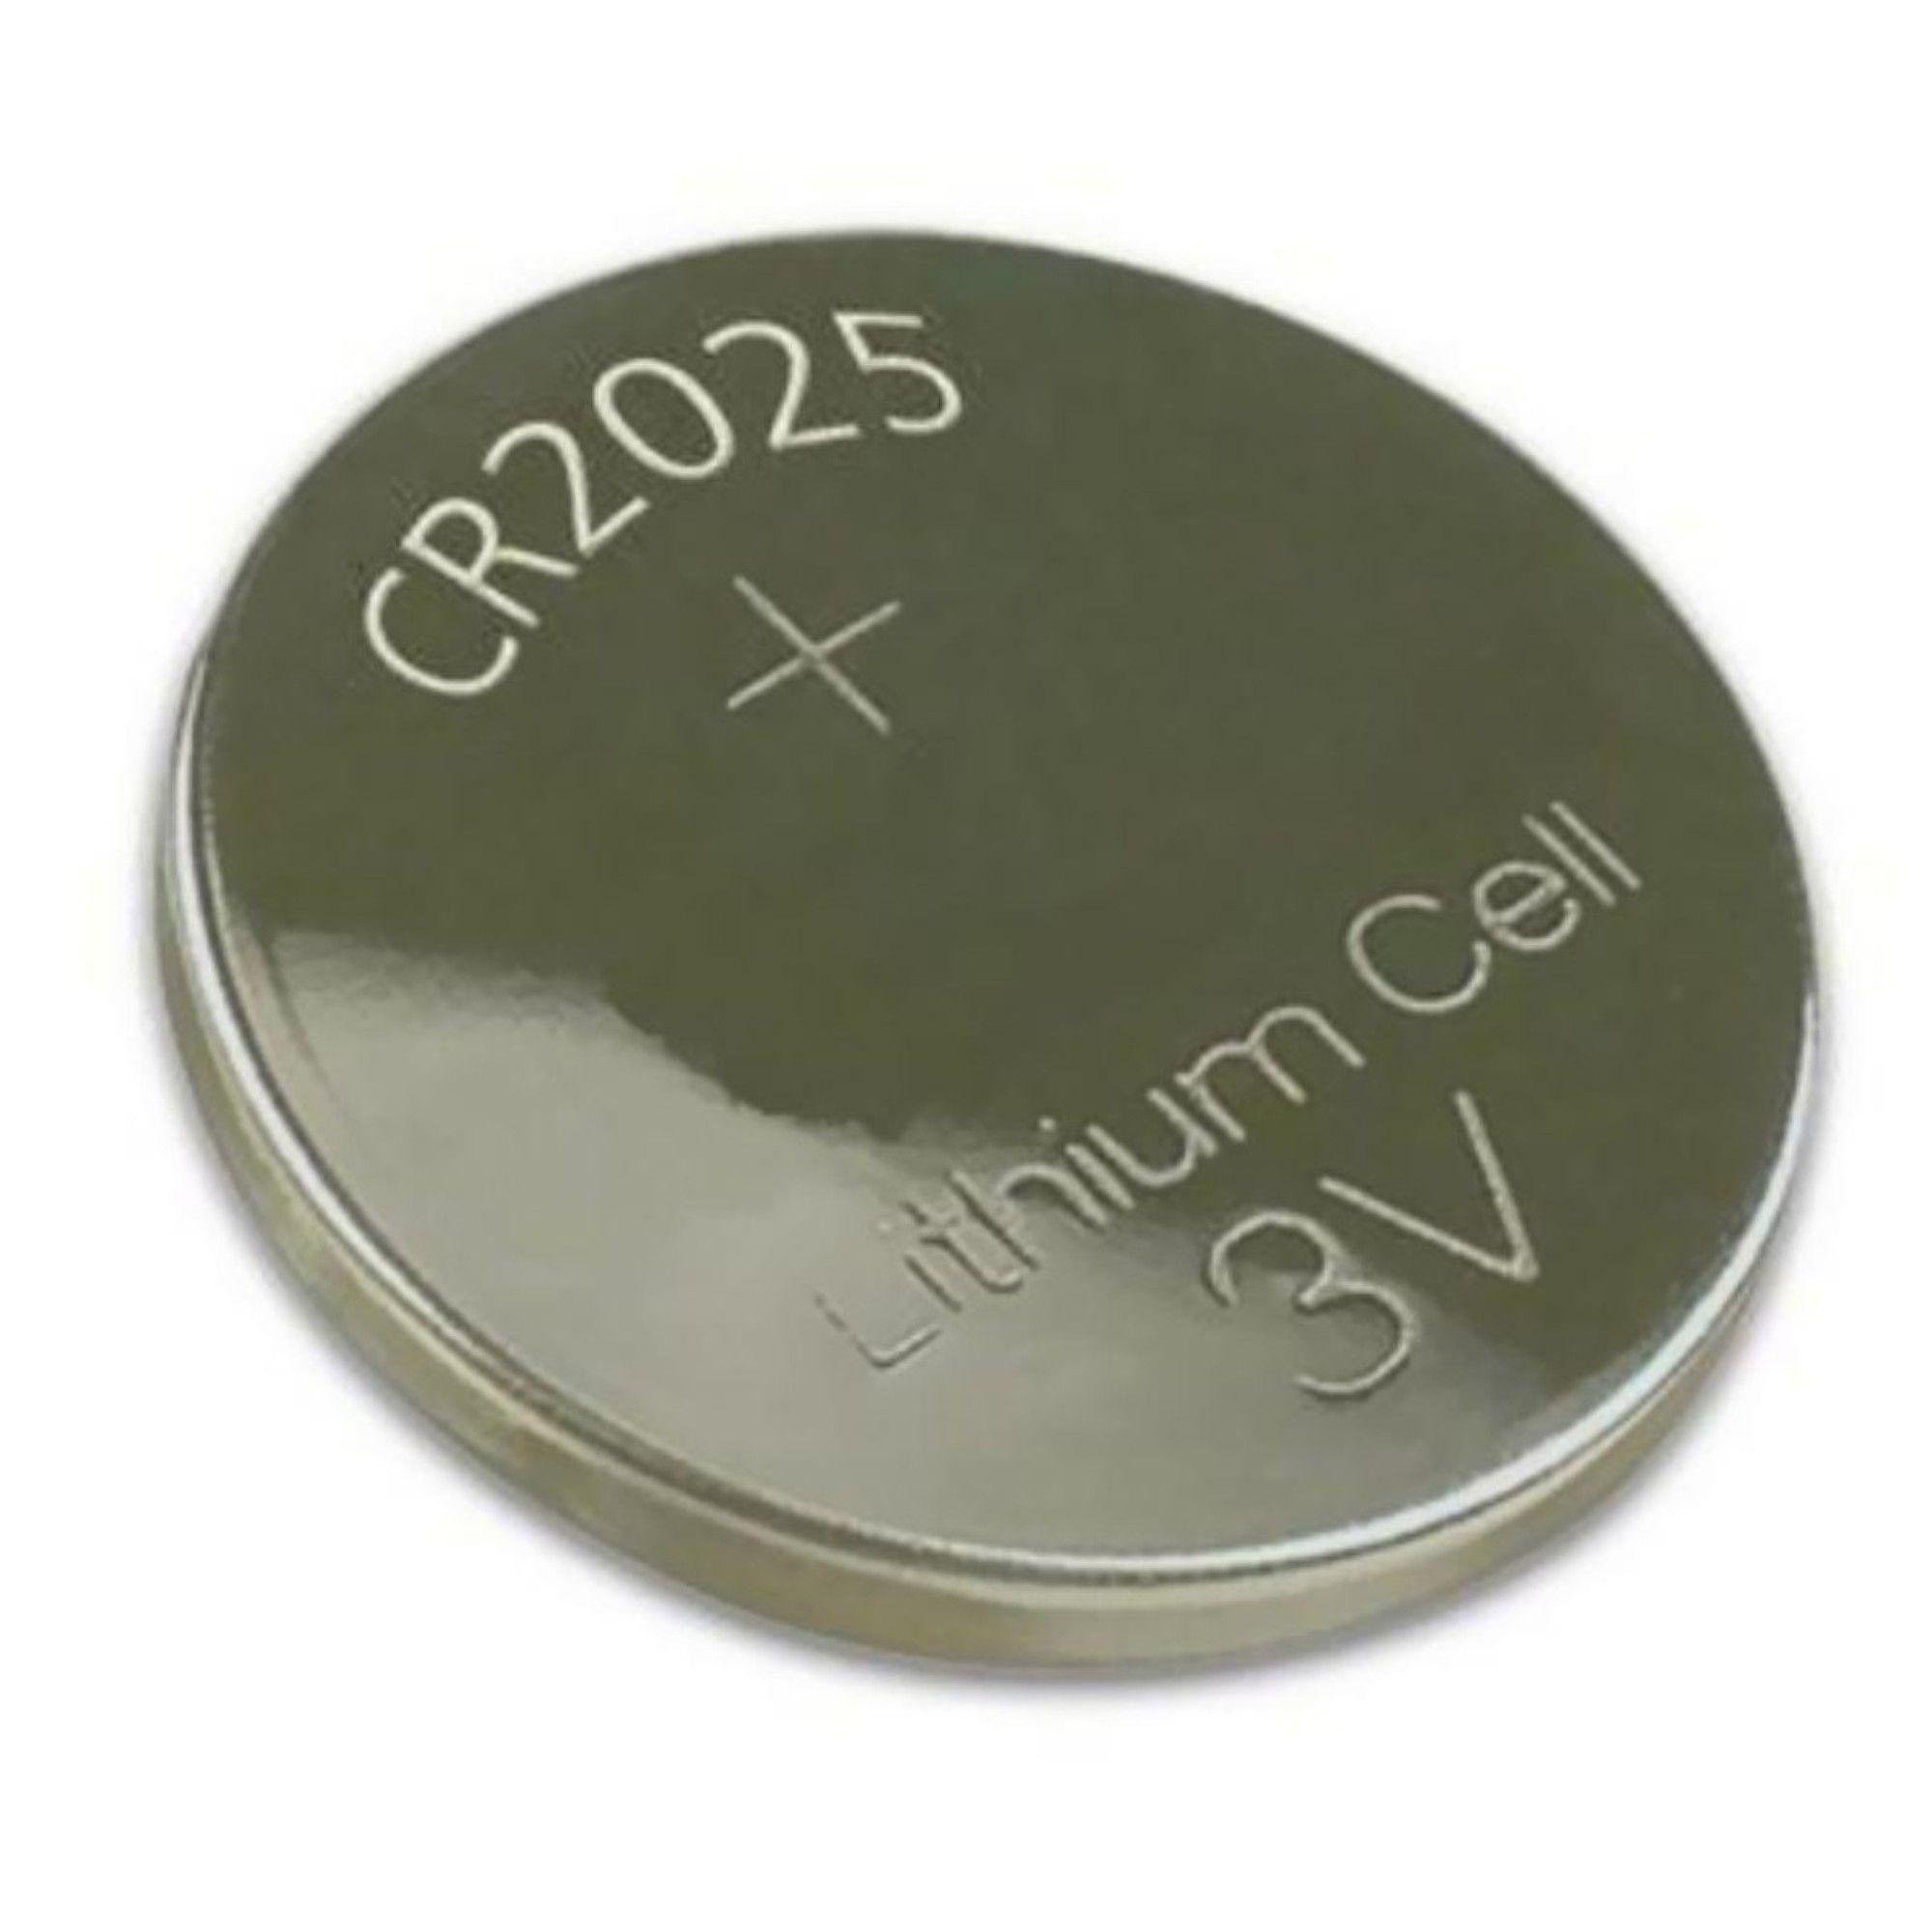 Bateria CR2025 P/ Controle Remoto e Placa Mãe C/ 2 Unidades